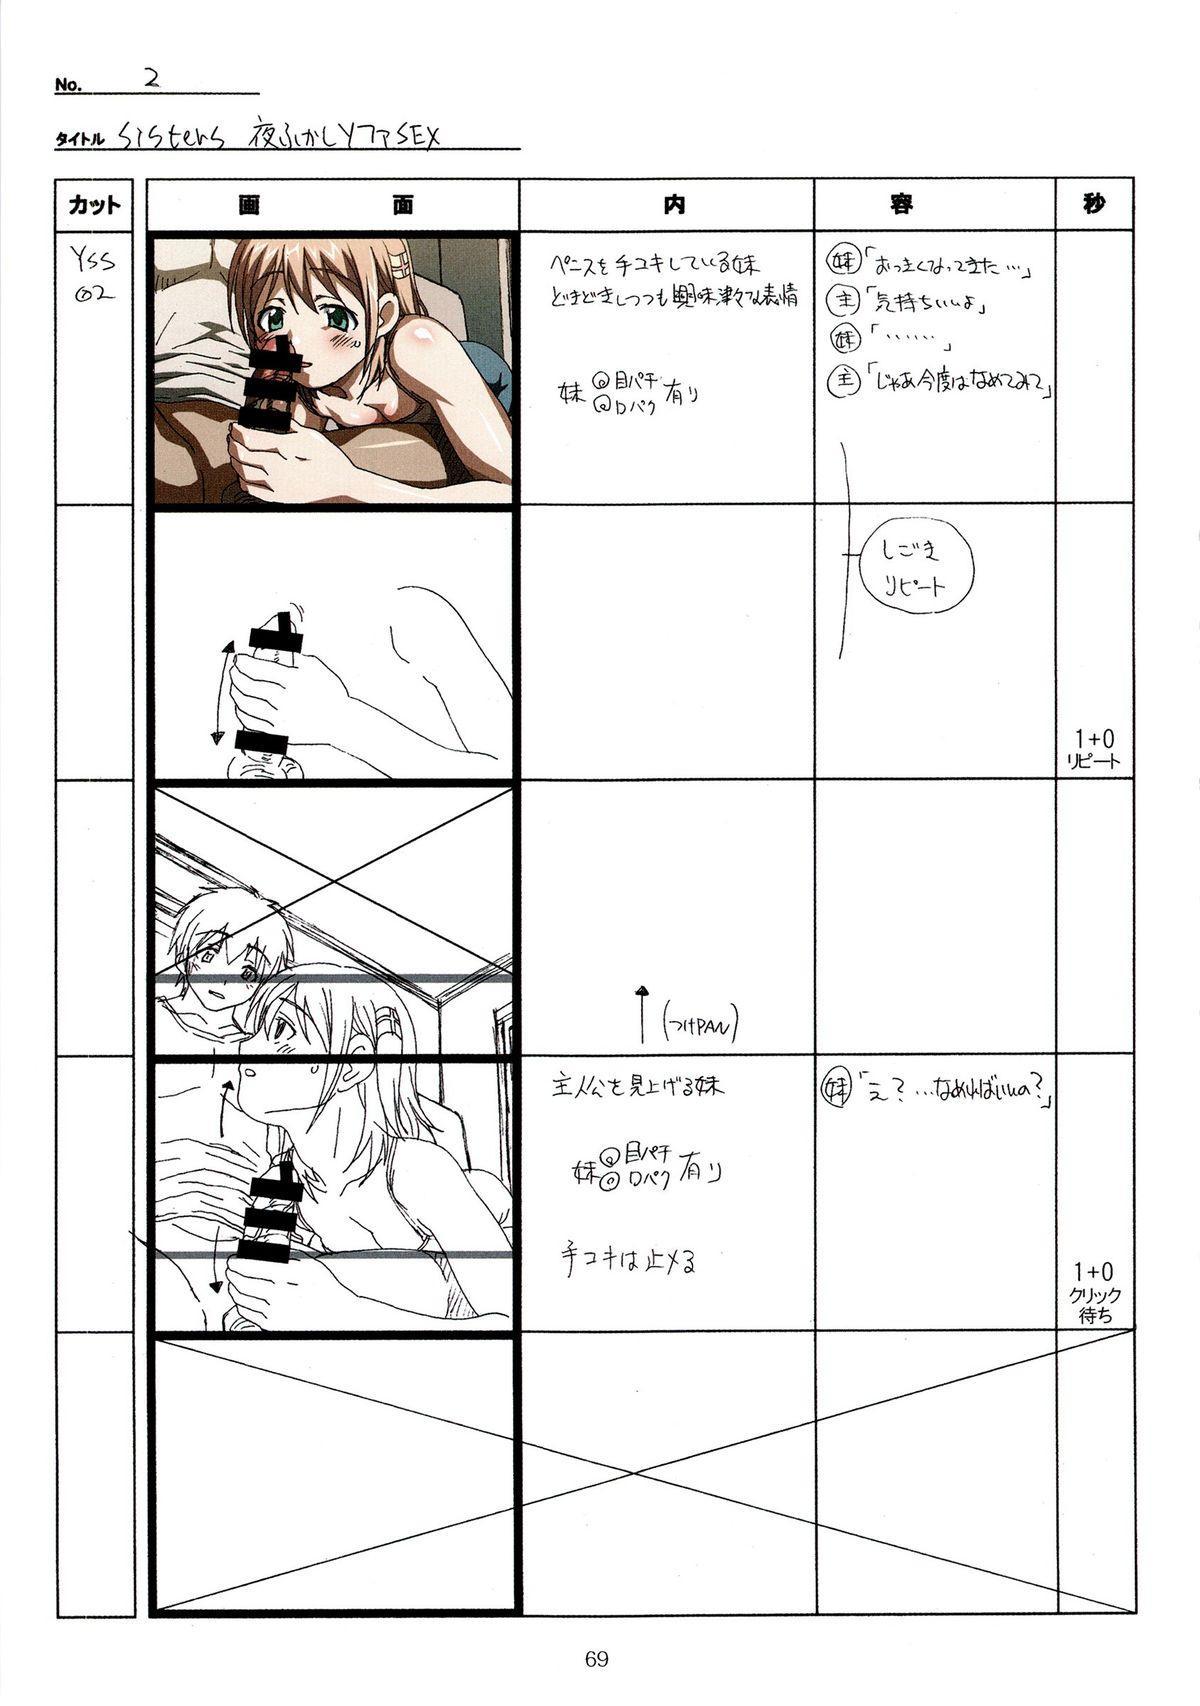 (C89) [Makino Jimusho (Taki Minashika)] SISTERS -Natsu no Saigo no Hi- H Scene All Part Storyboard (SISTERS -Natsu no Saigo no Hi-) 68